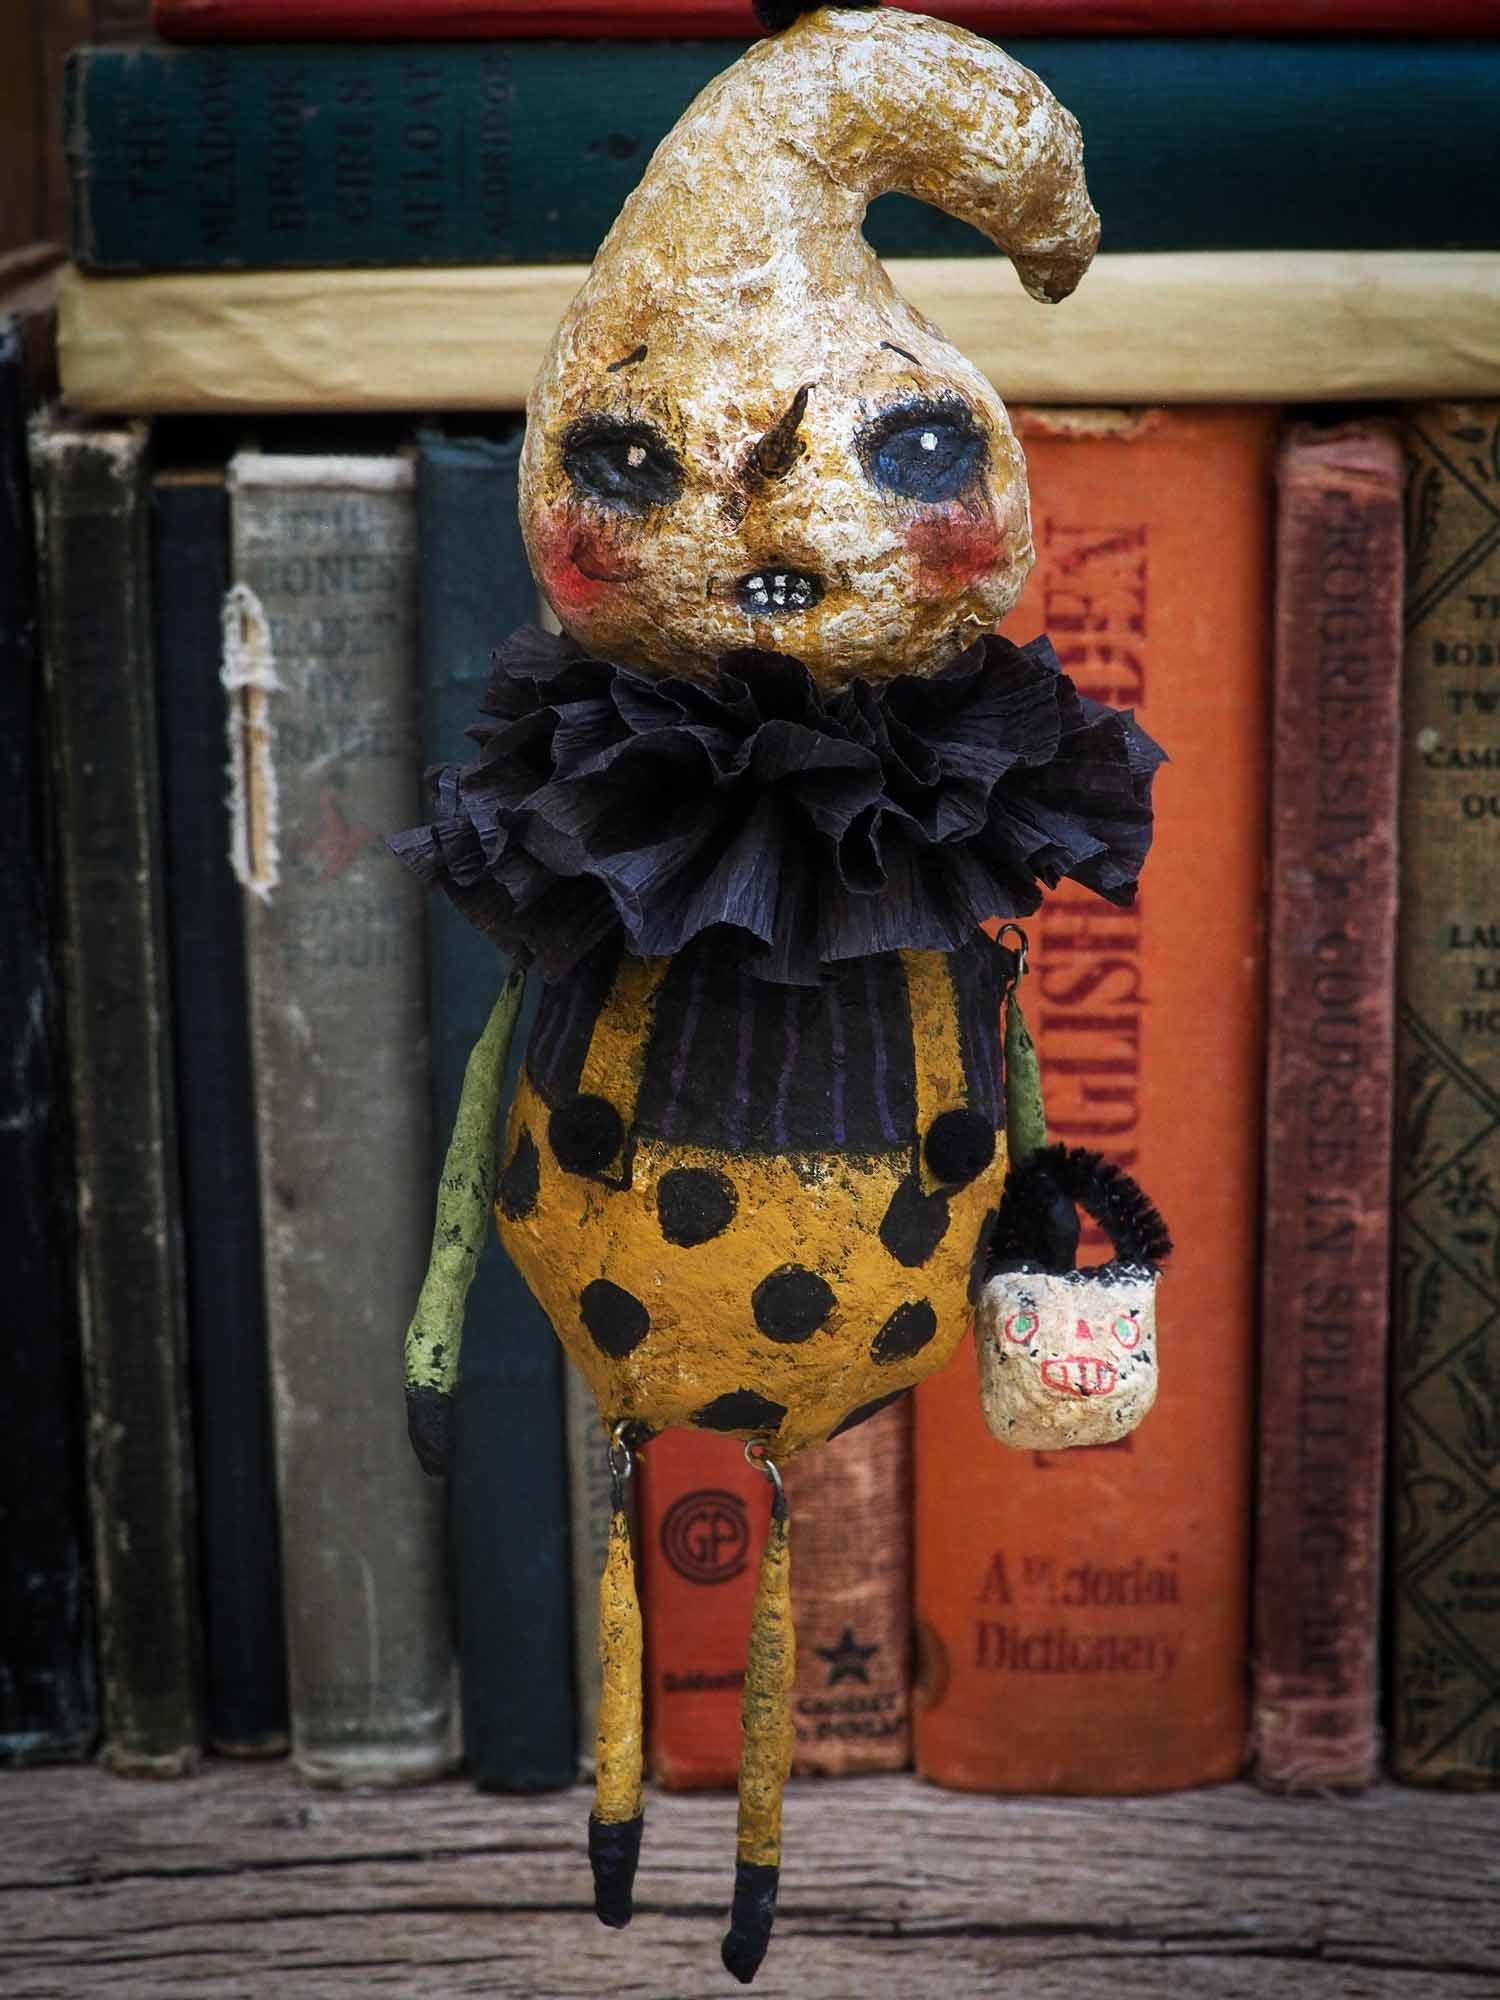 The ghost of halloween yet to come   Halloween art, Halloween, Art dolls